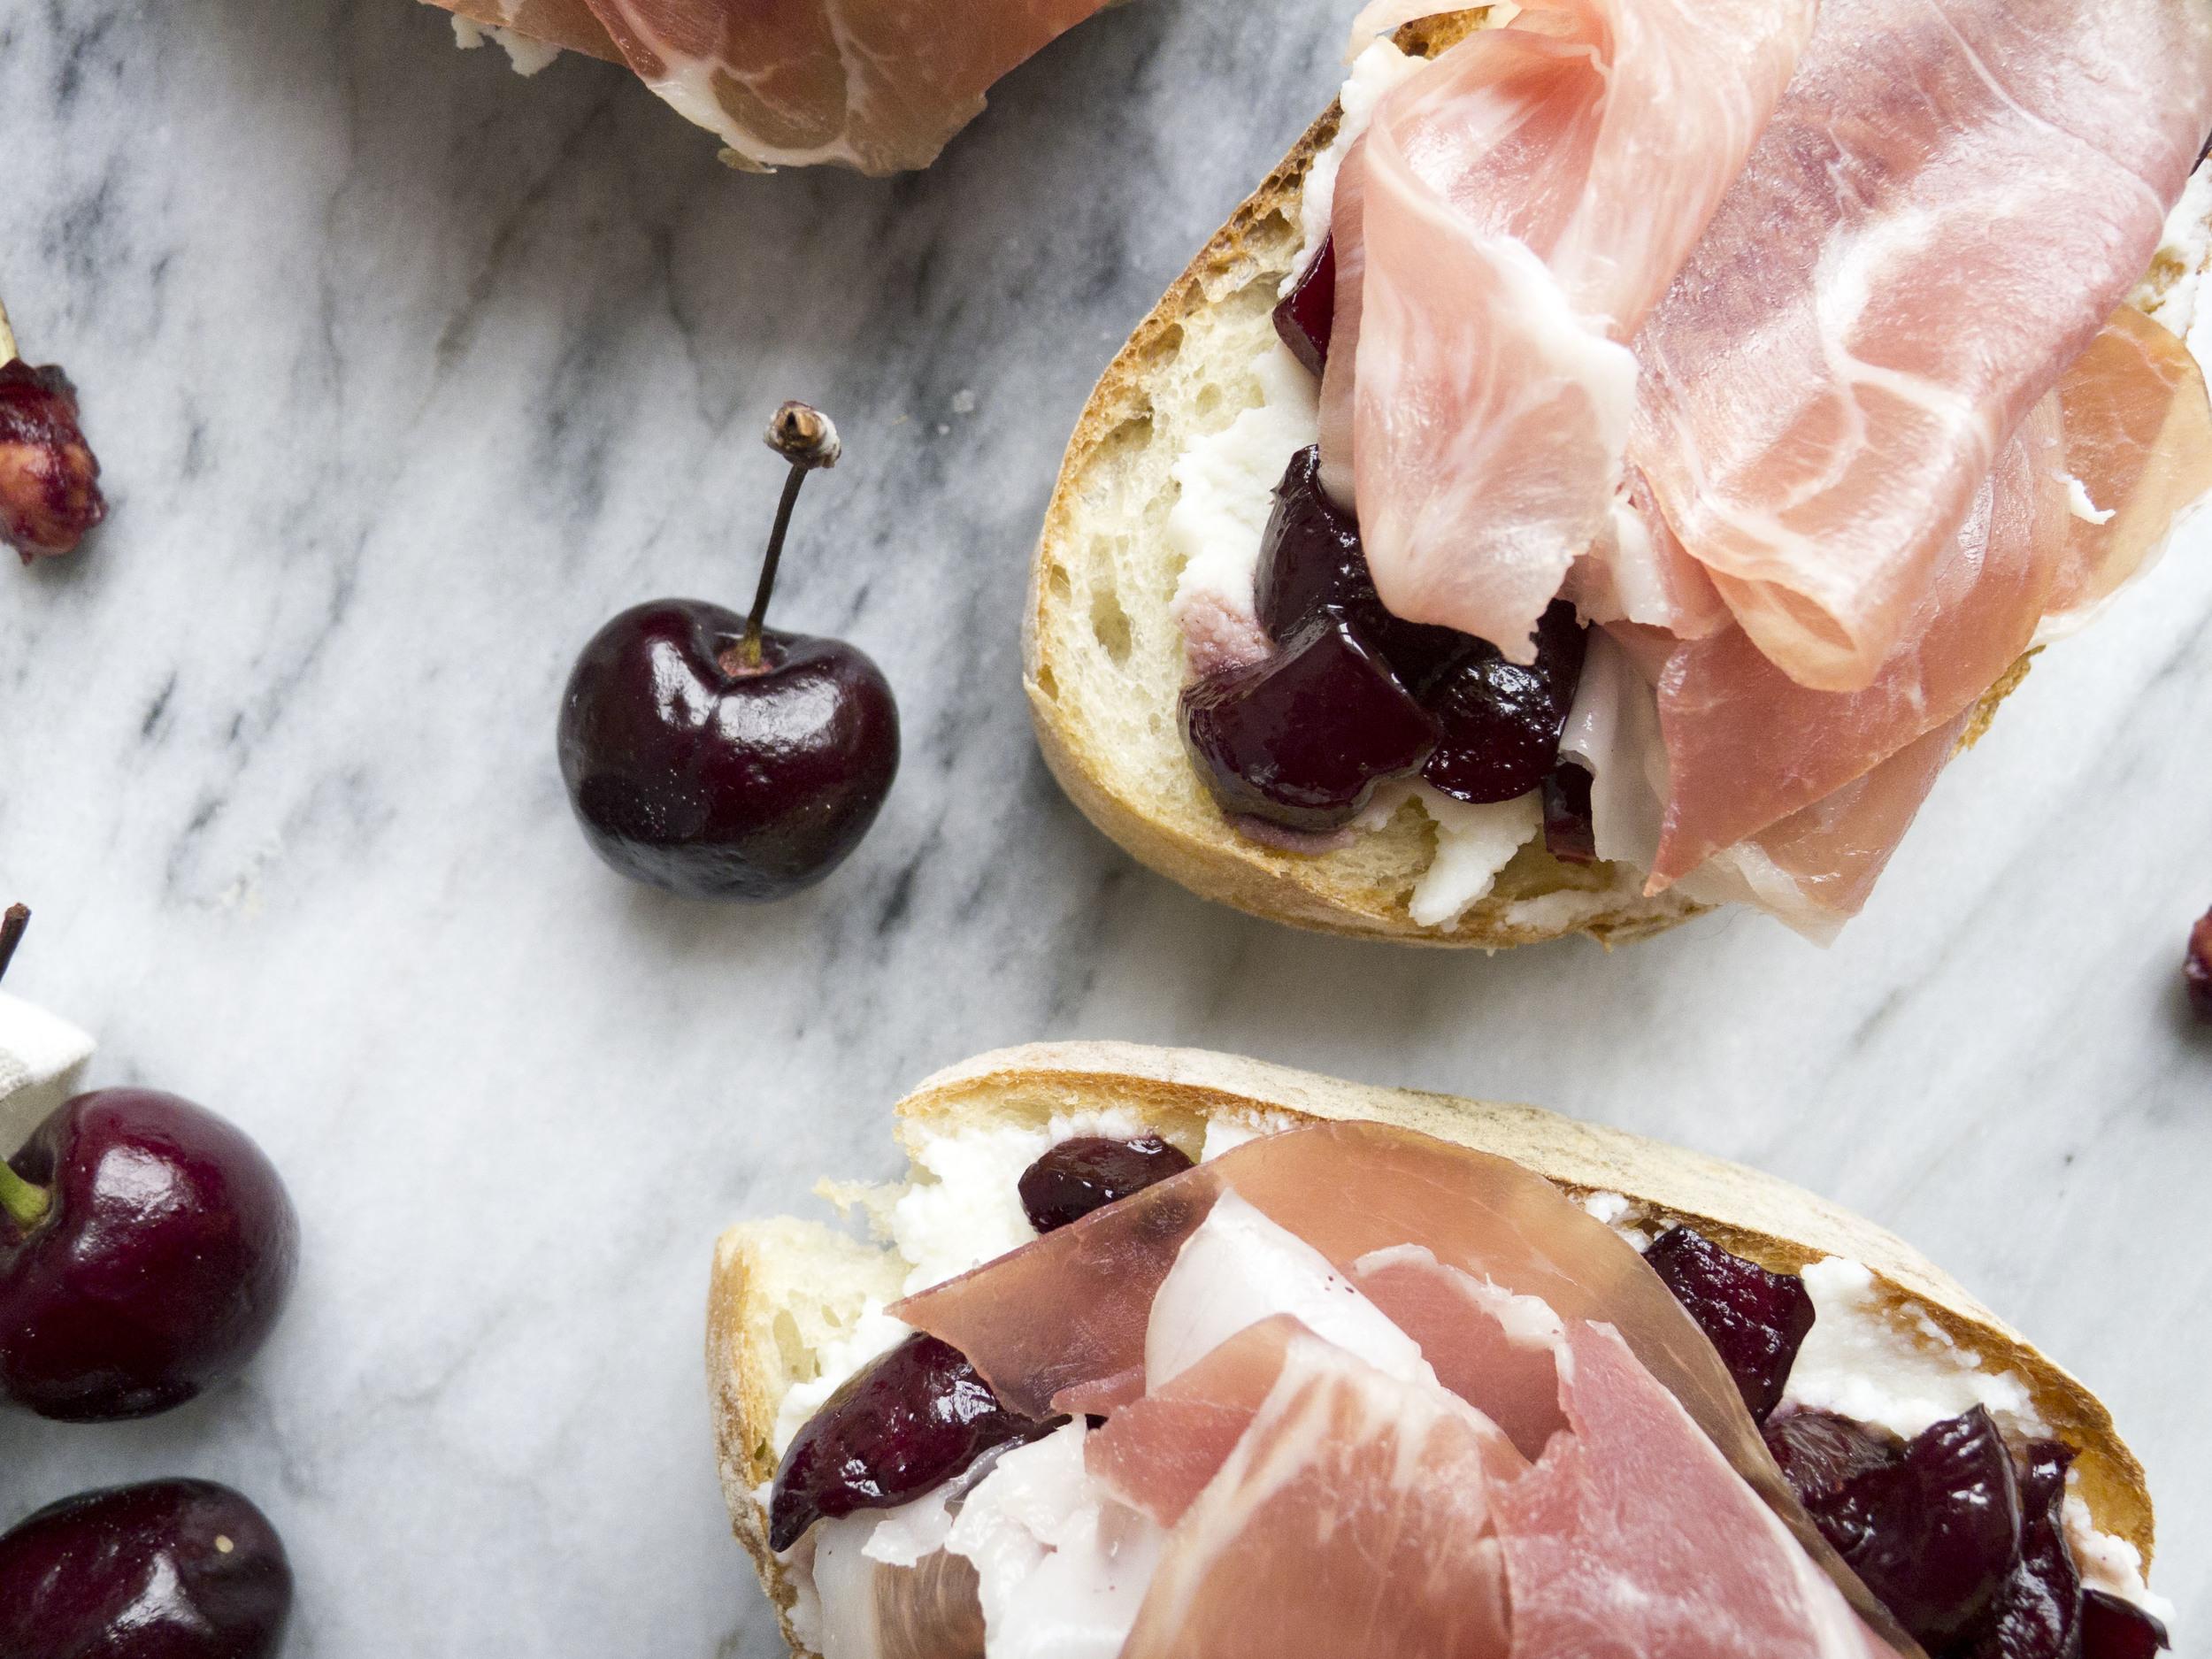 Cherry Sauce and Prosciutto Crostini